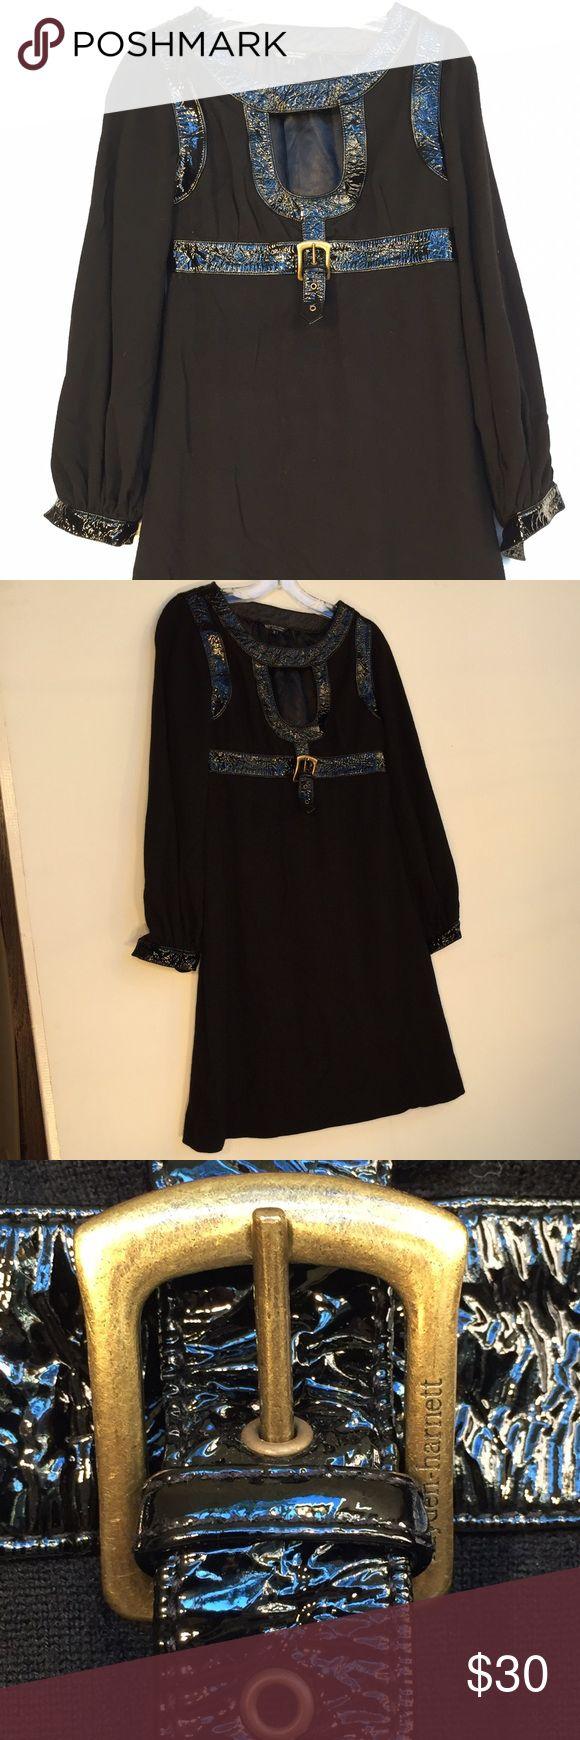 Hayden Harnett Dress size 2 Lovely dress with details!! Used on insurgent movie. Size 2 Hayden Harnett Dresses